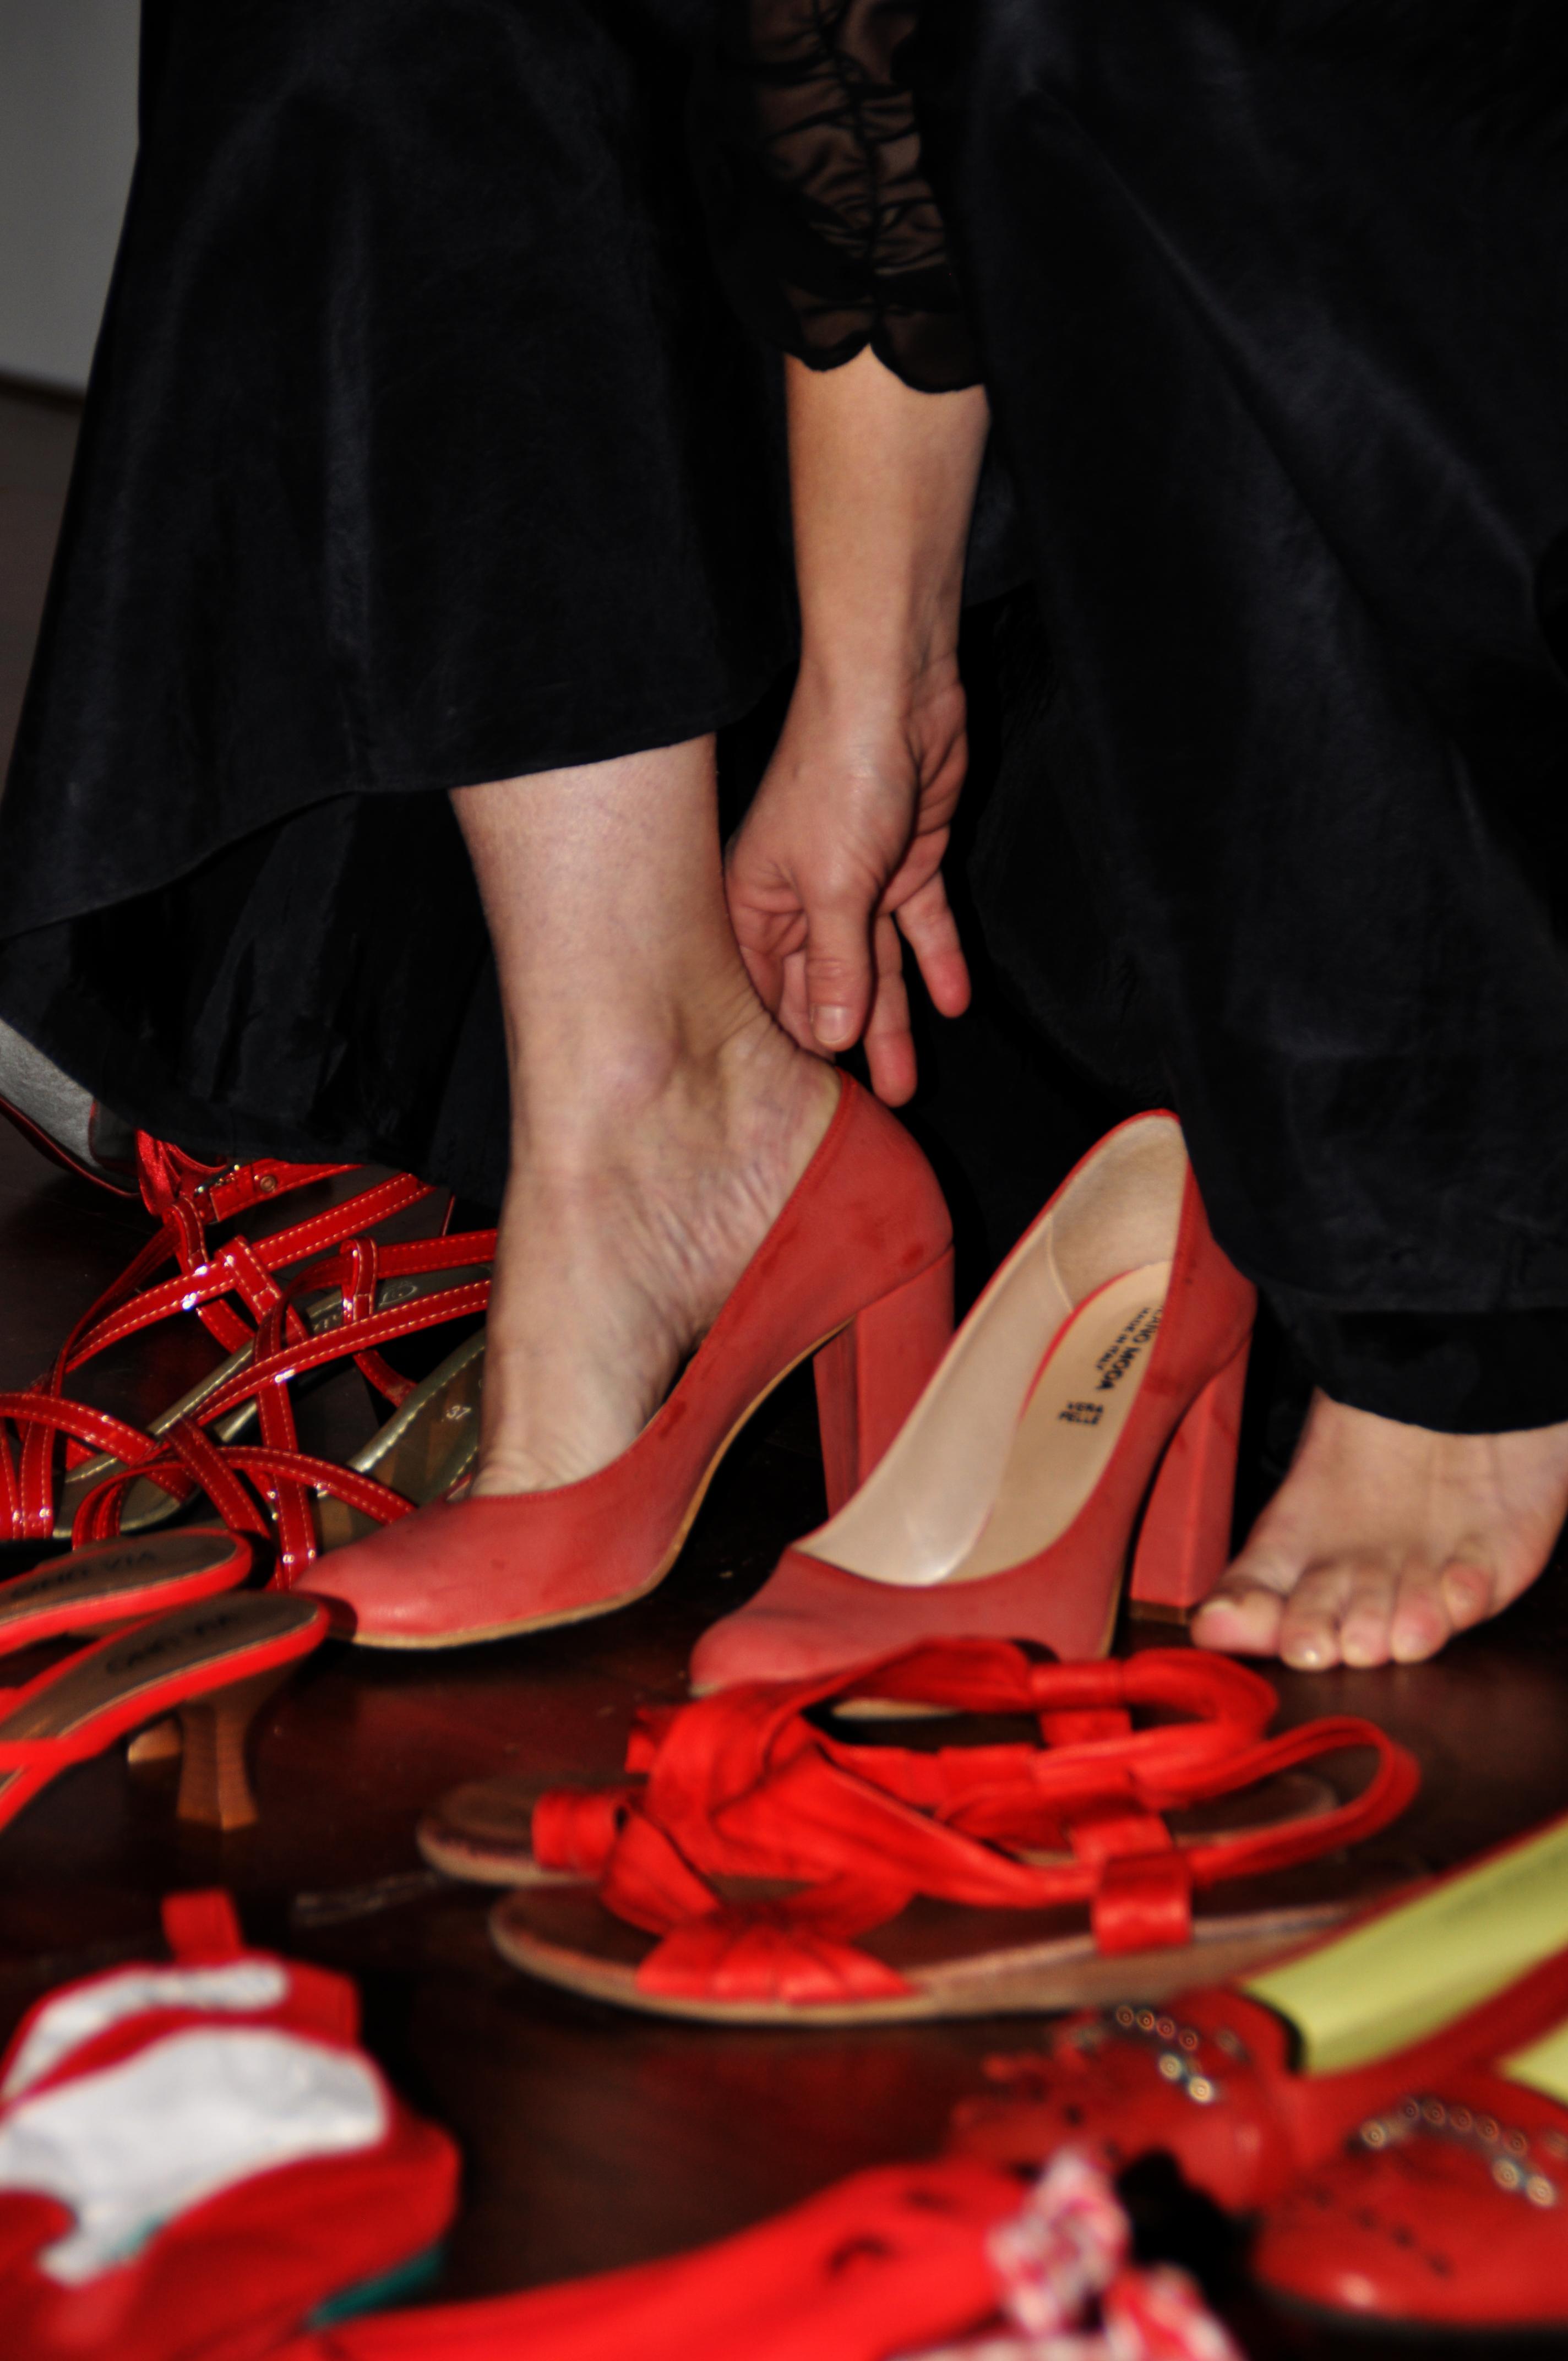 perche le scarpe rosse sono il simbolo del 25 novembre linea d ascolto mariposa altervista